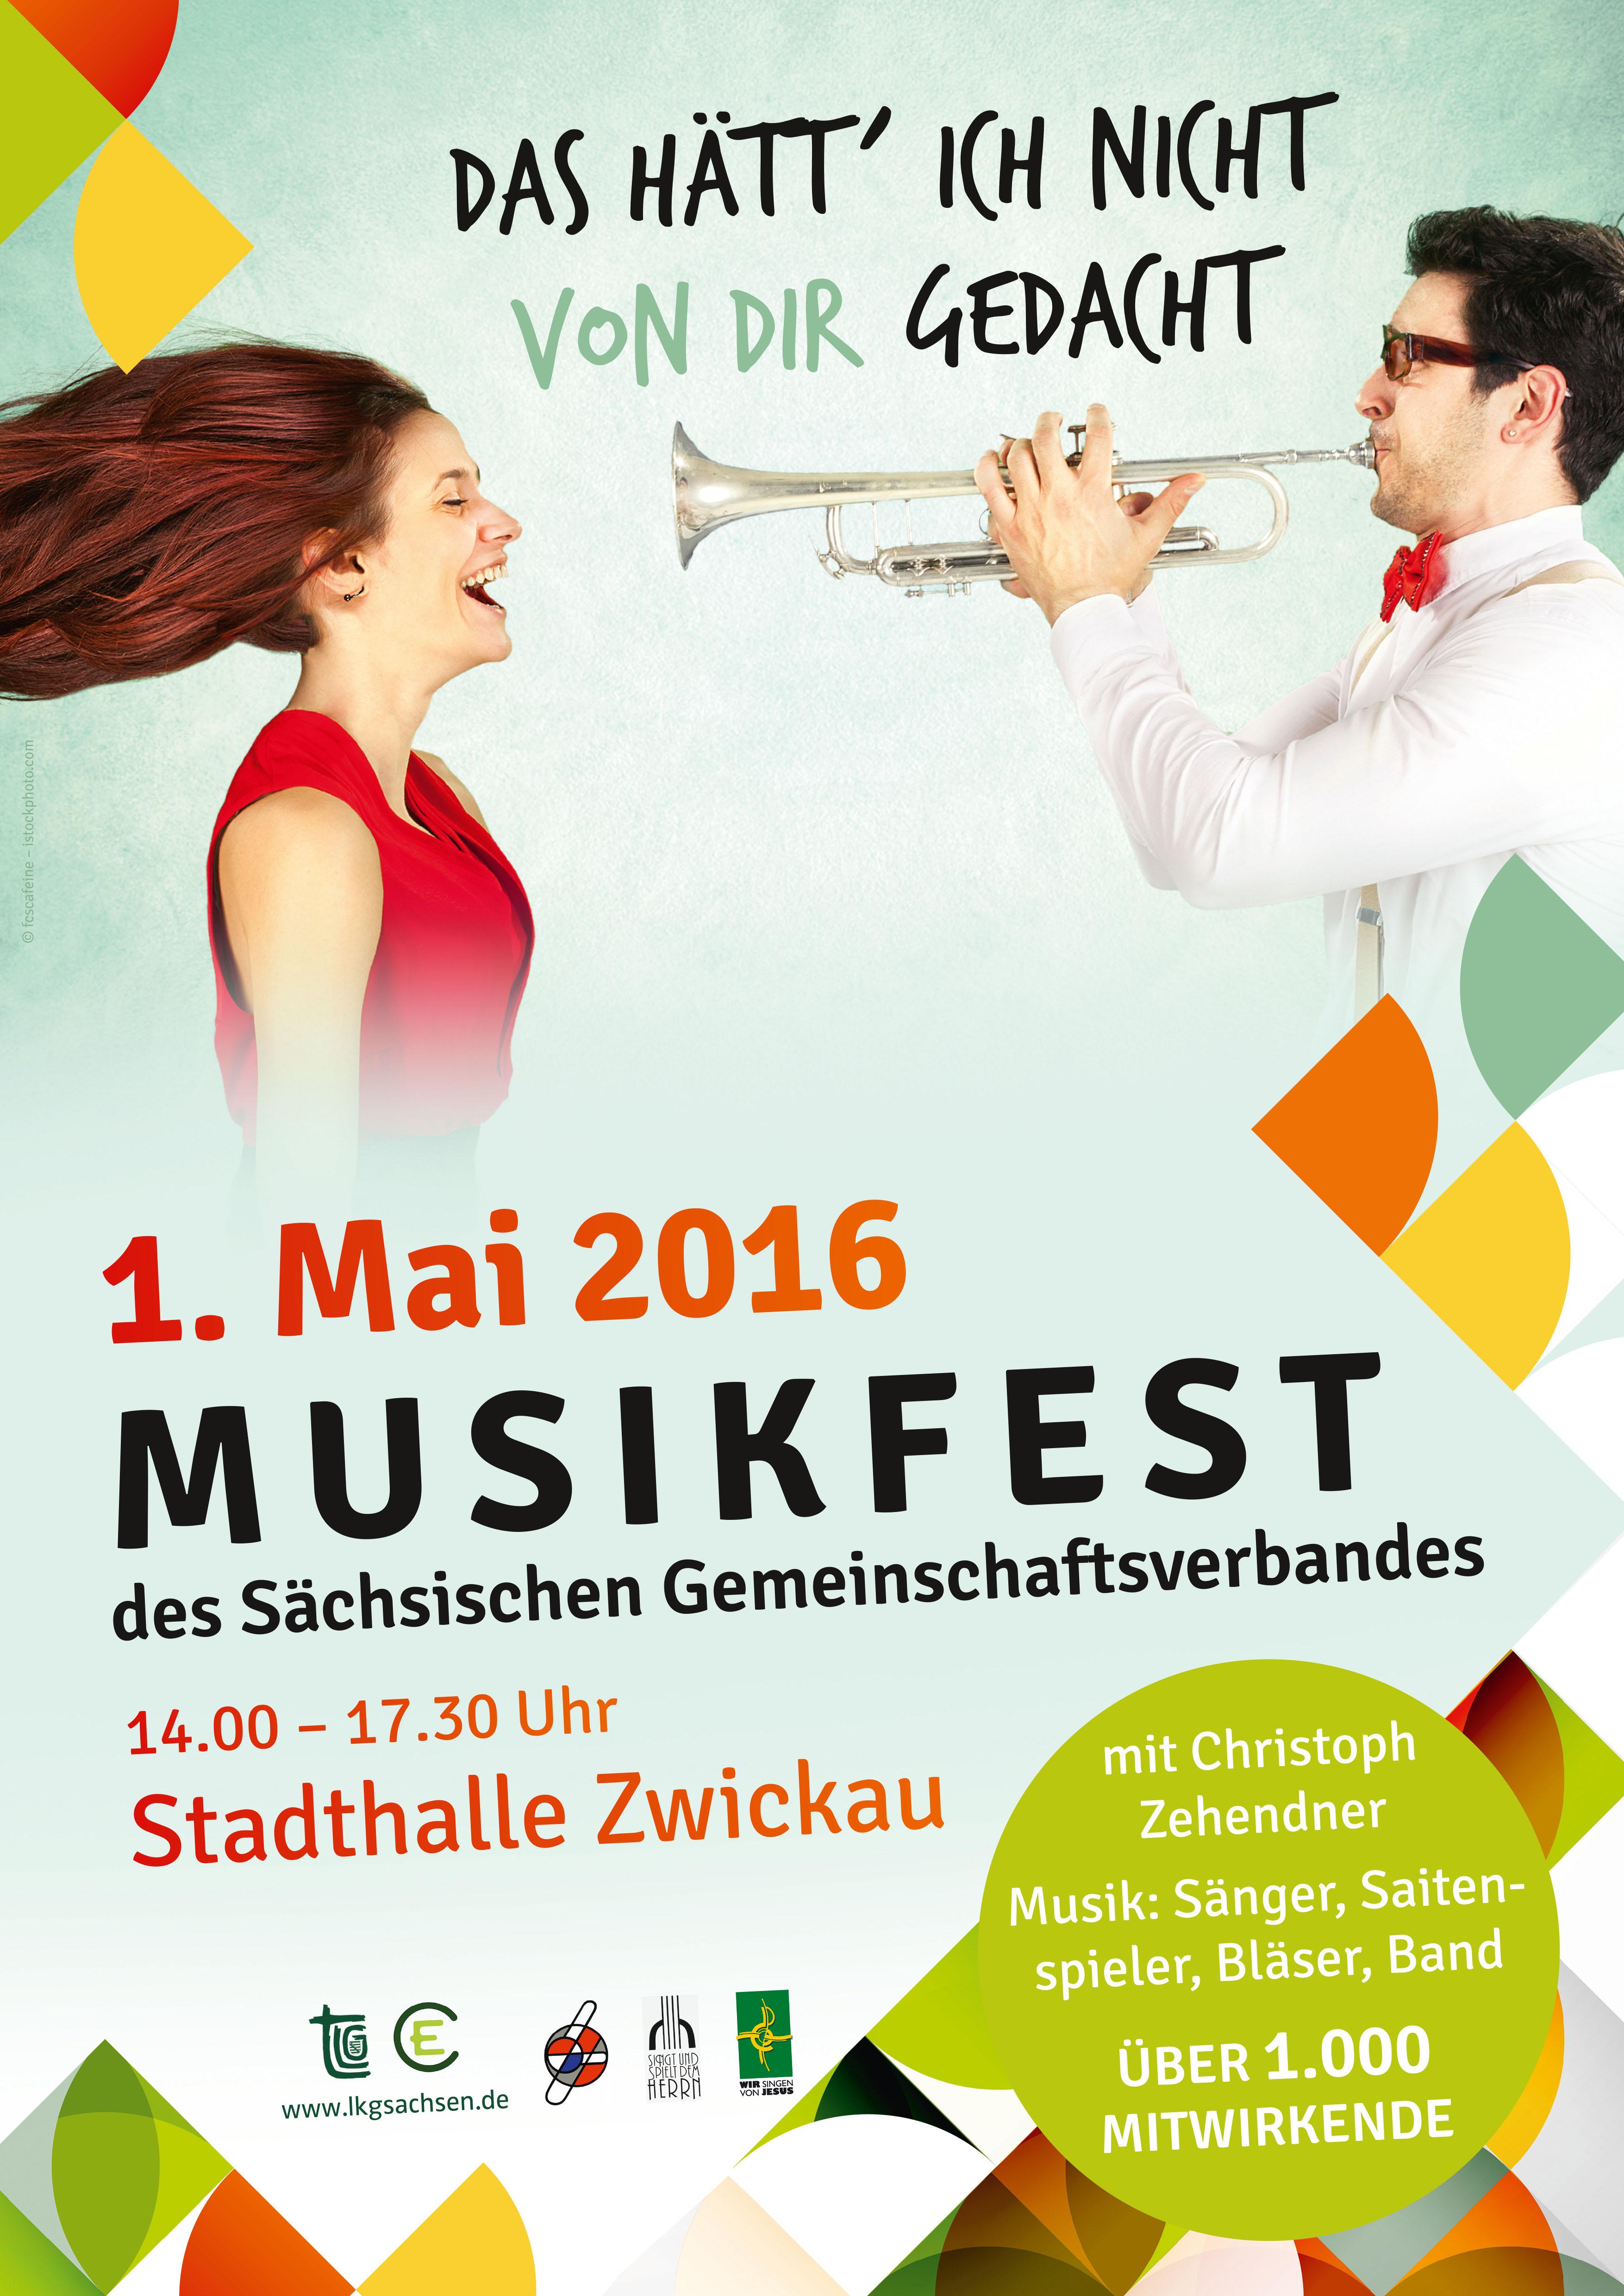 Musikfest_PlakatA3_V2.indd